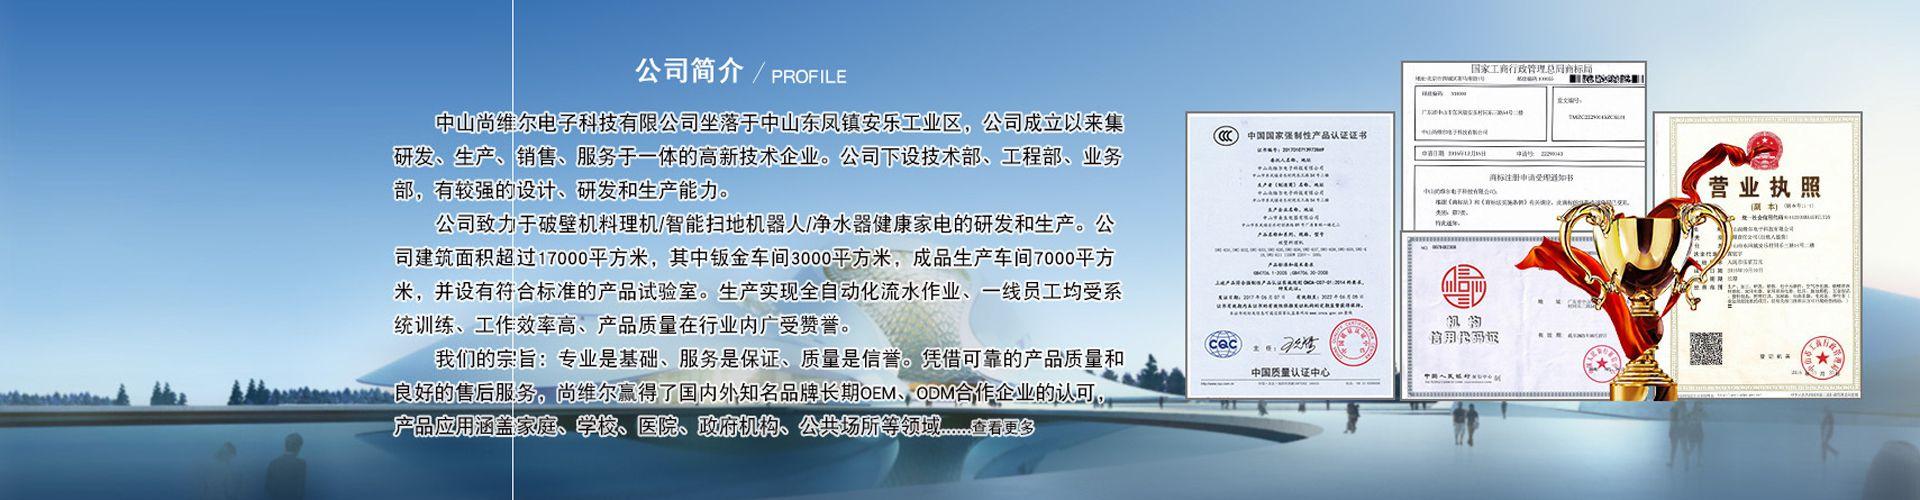 中山尚维尔电子科技有限公司